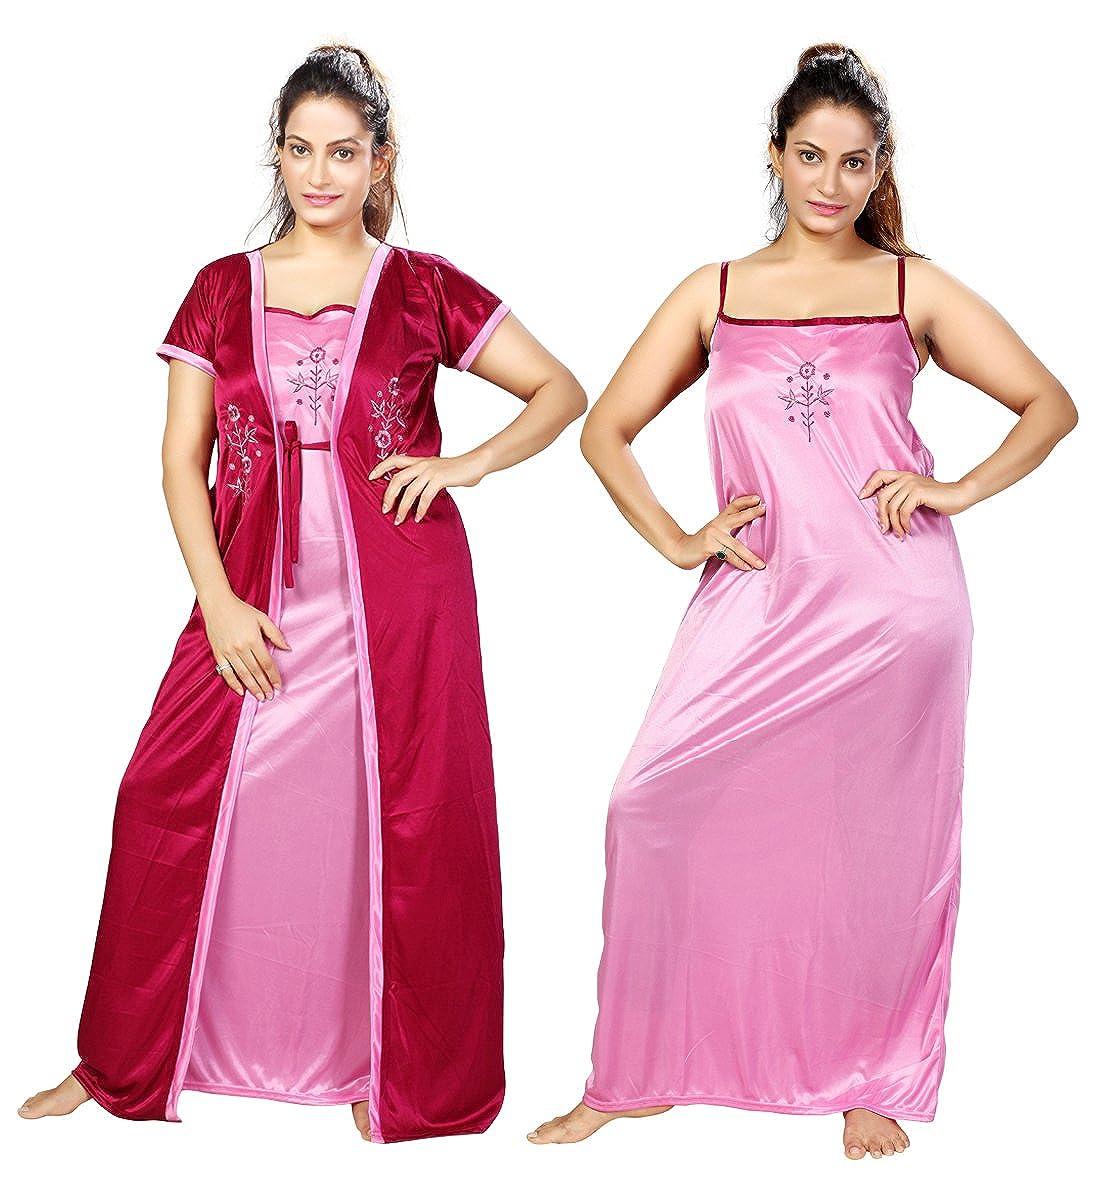 Mahaarani fancy nighty night wear sleep wear with robe for women clothing  accessories jpg 1100x1200 Fancy 90b45a688